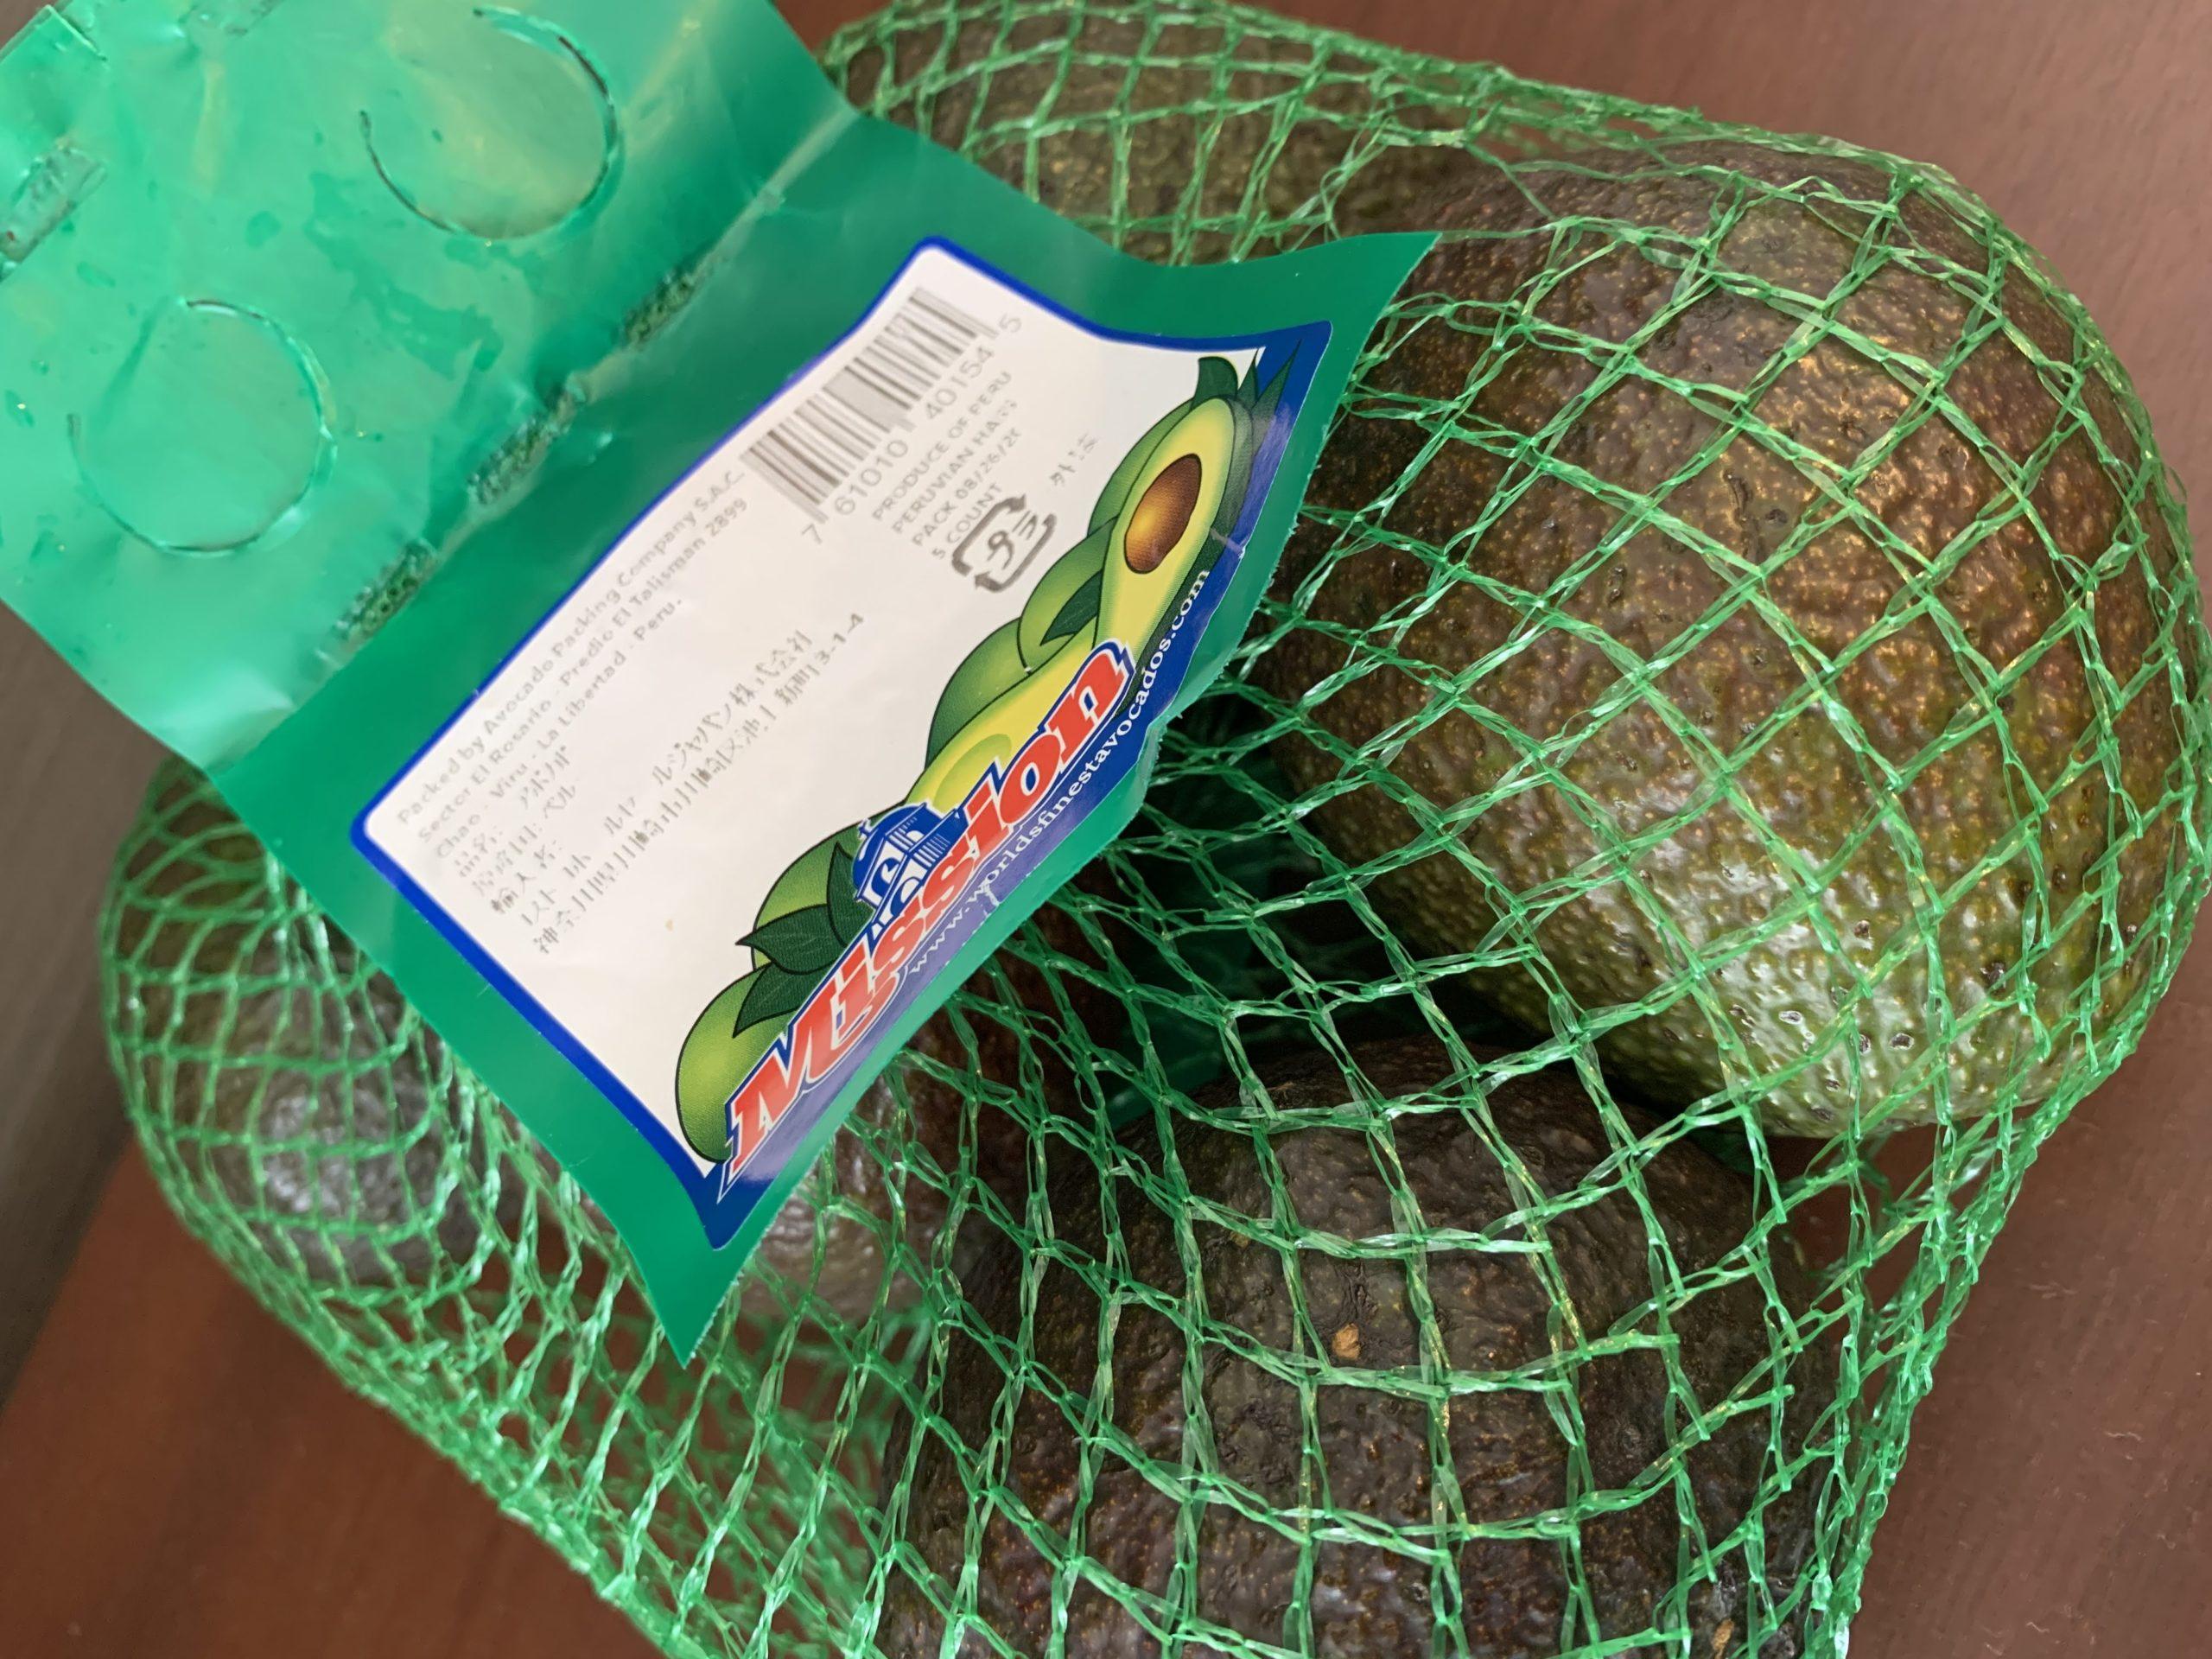 コストコのアボカド5玉は美味しい!値段やおすすめの理由は?